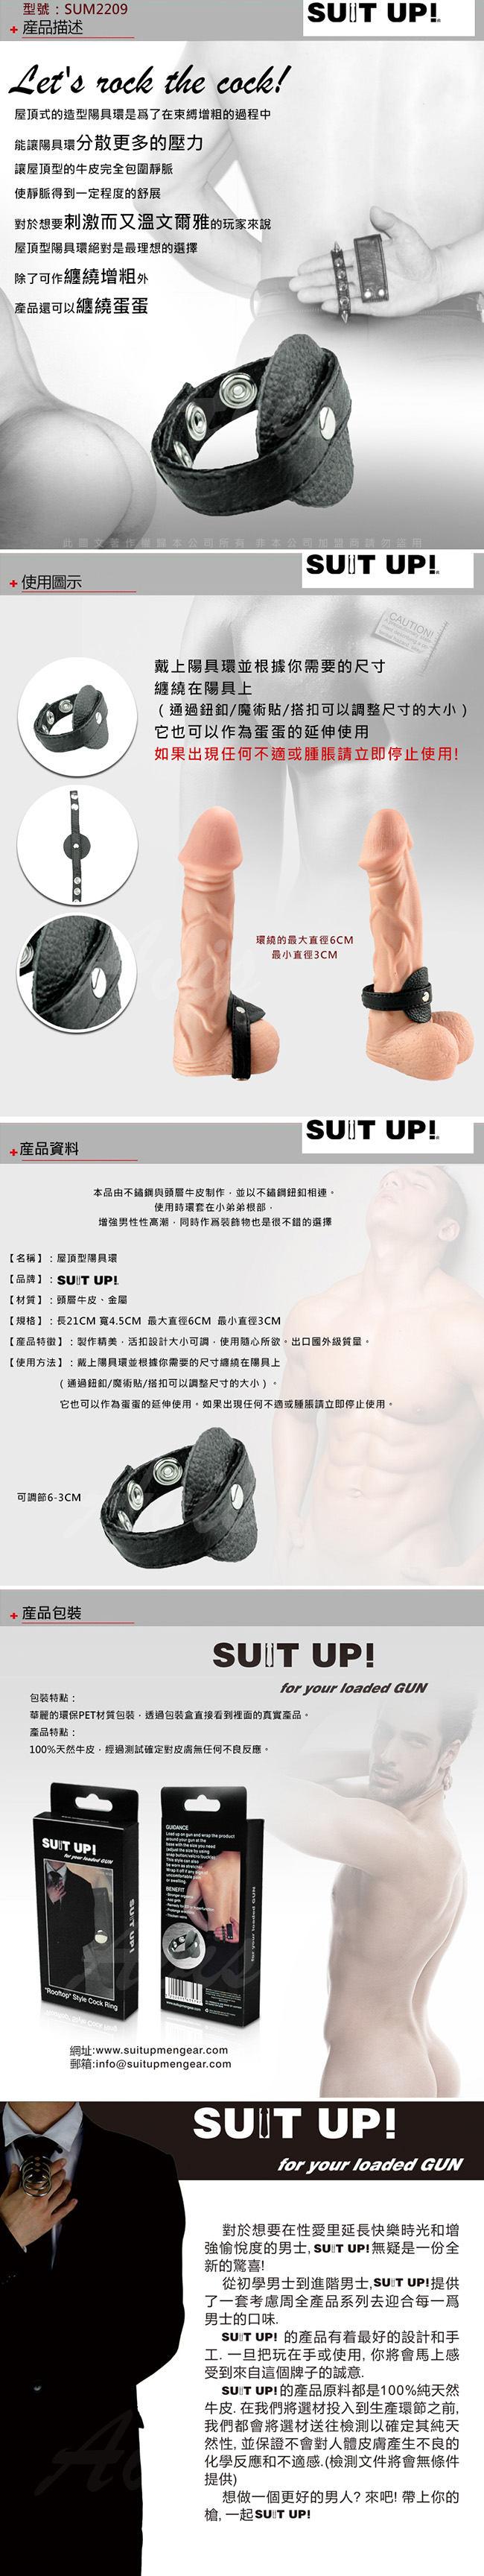 SUIT UP! SM情趣 屋頂型陽具環